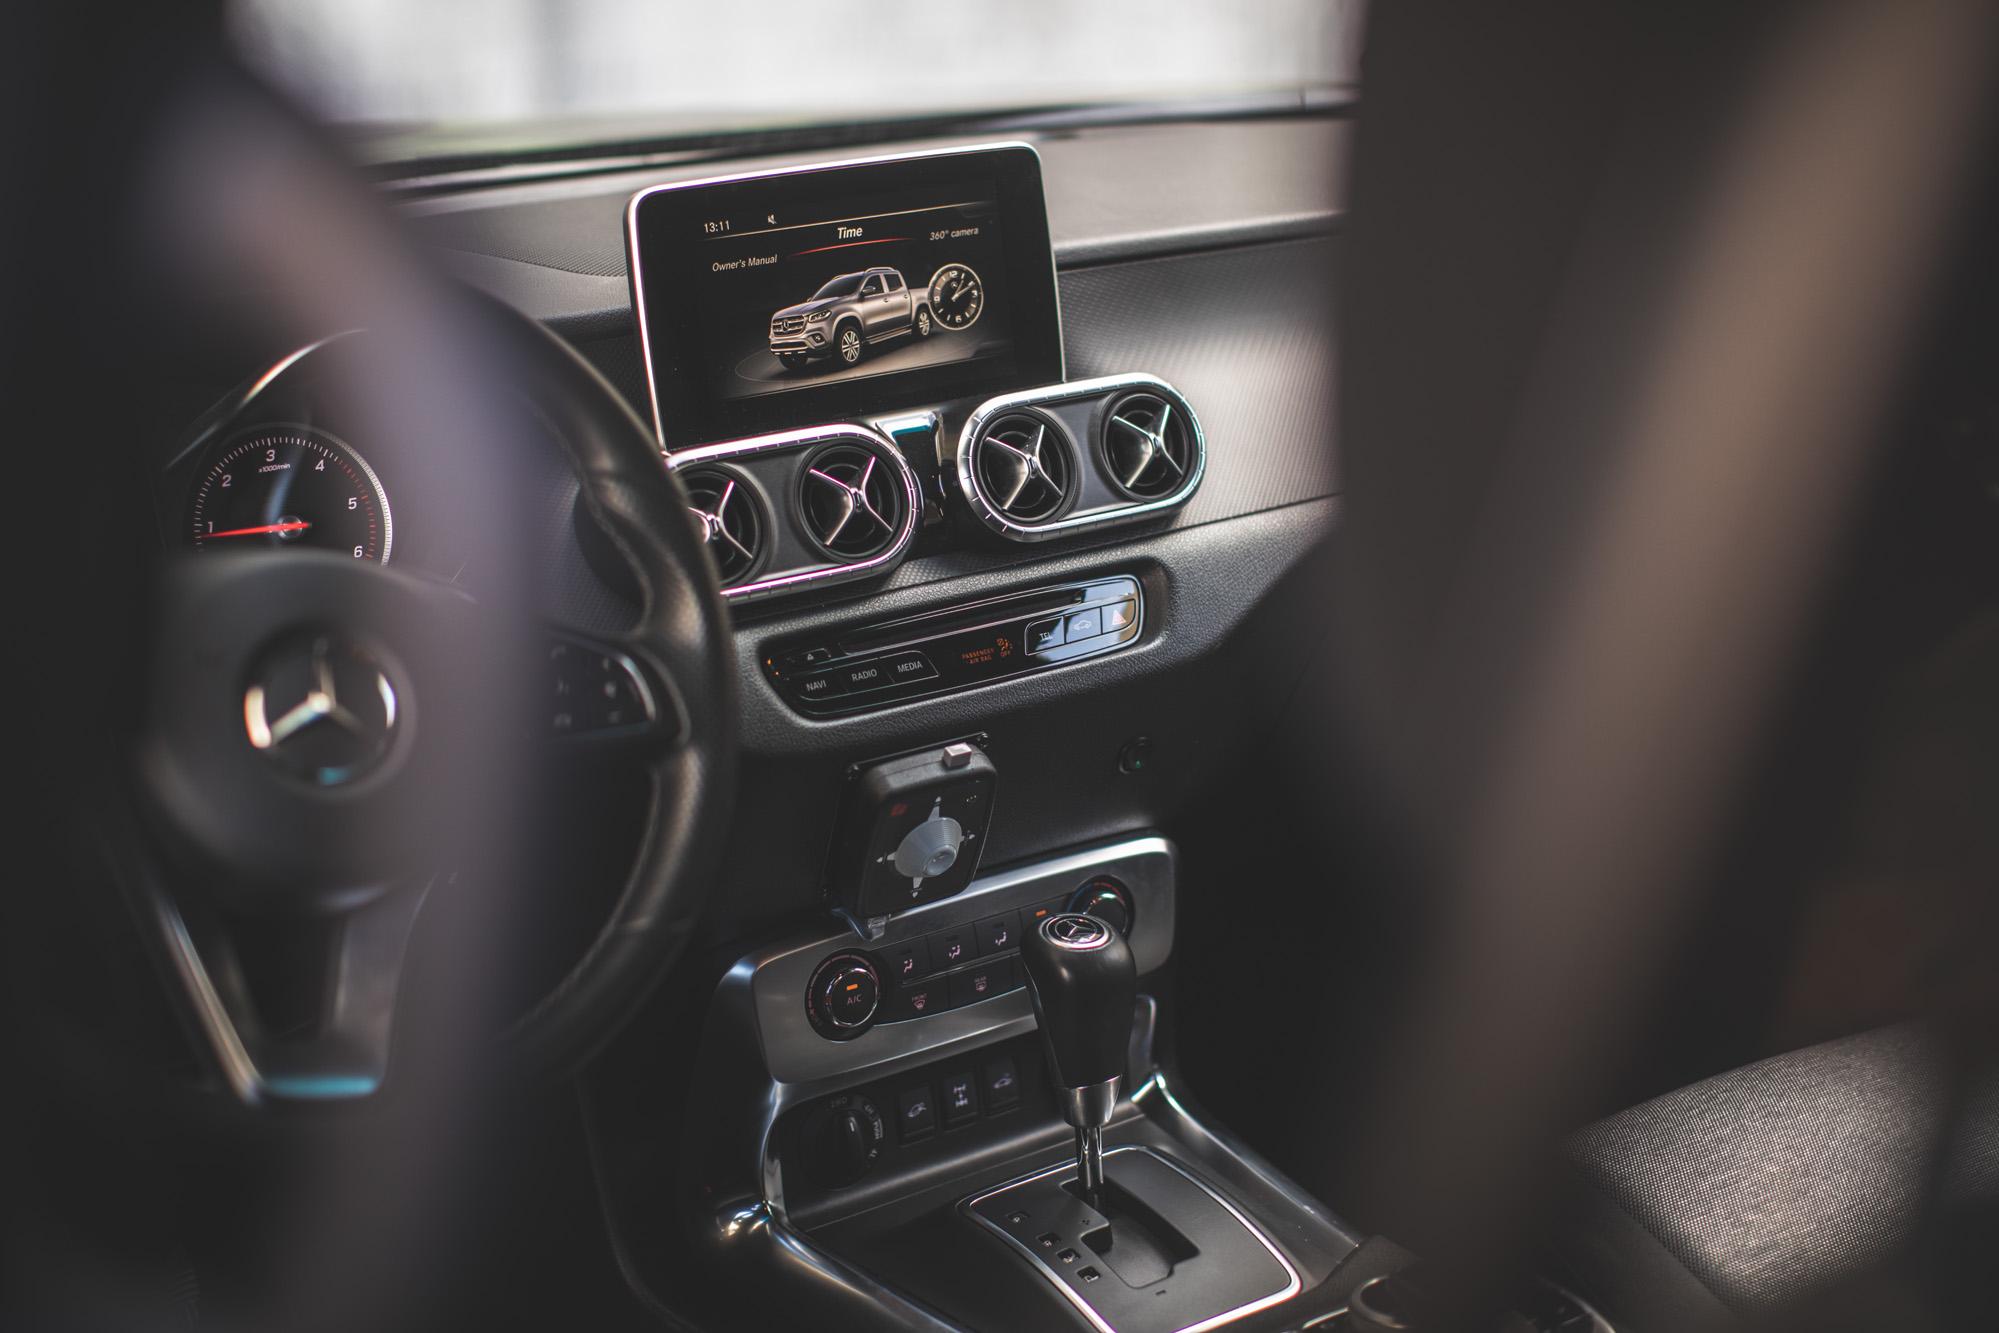 Mercedes_X-class_19_Lars_Krogsgaard.jpg